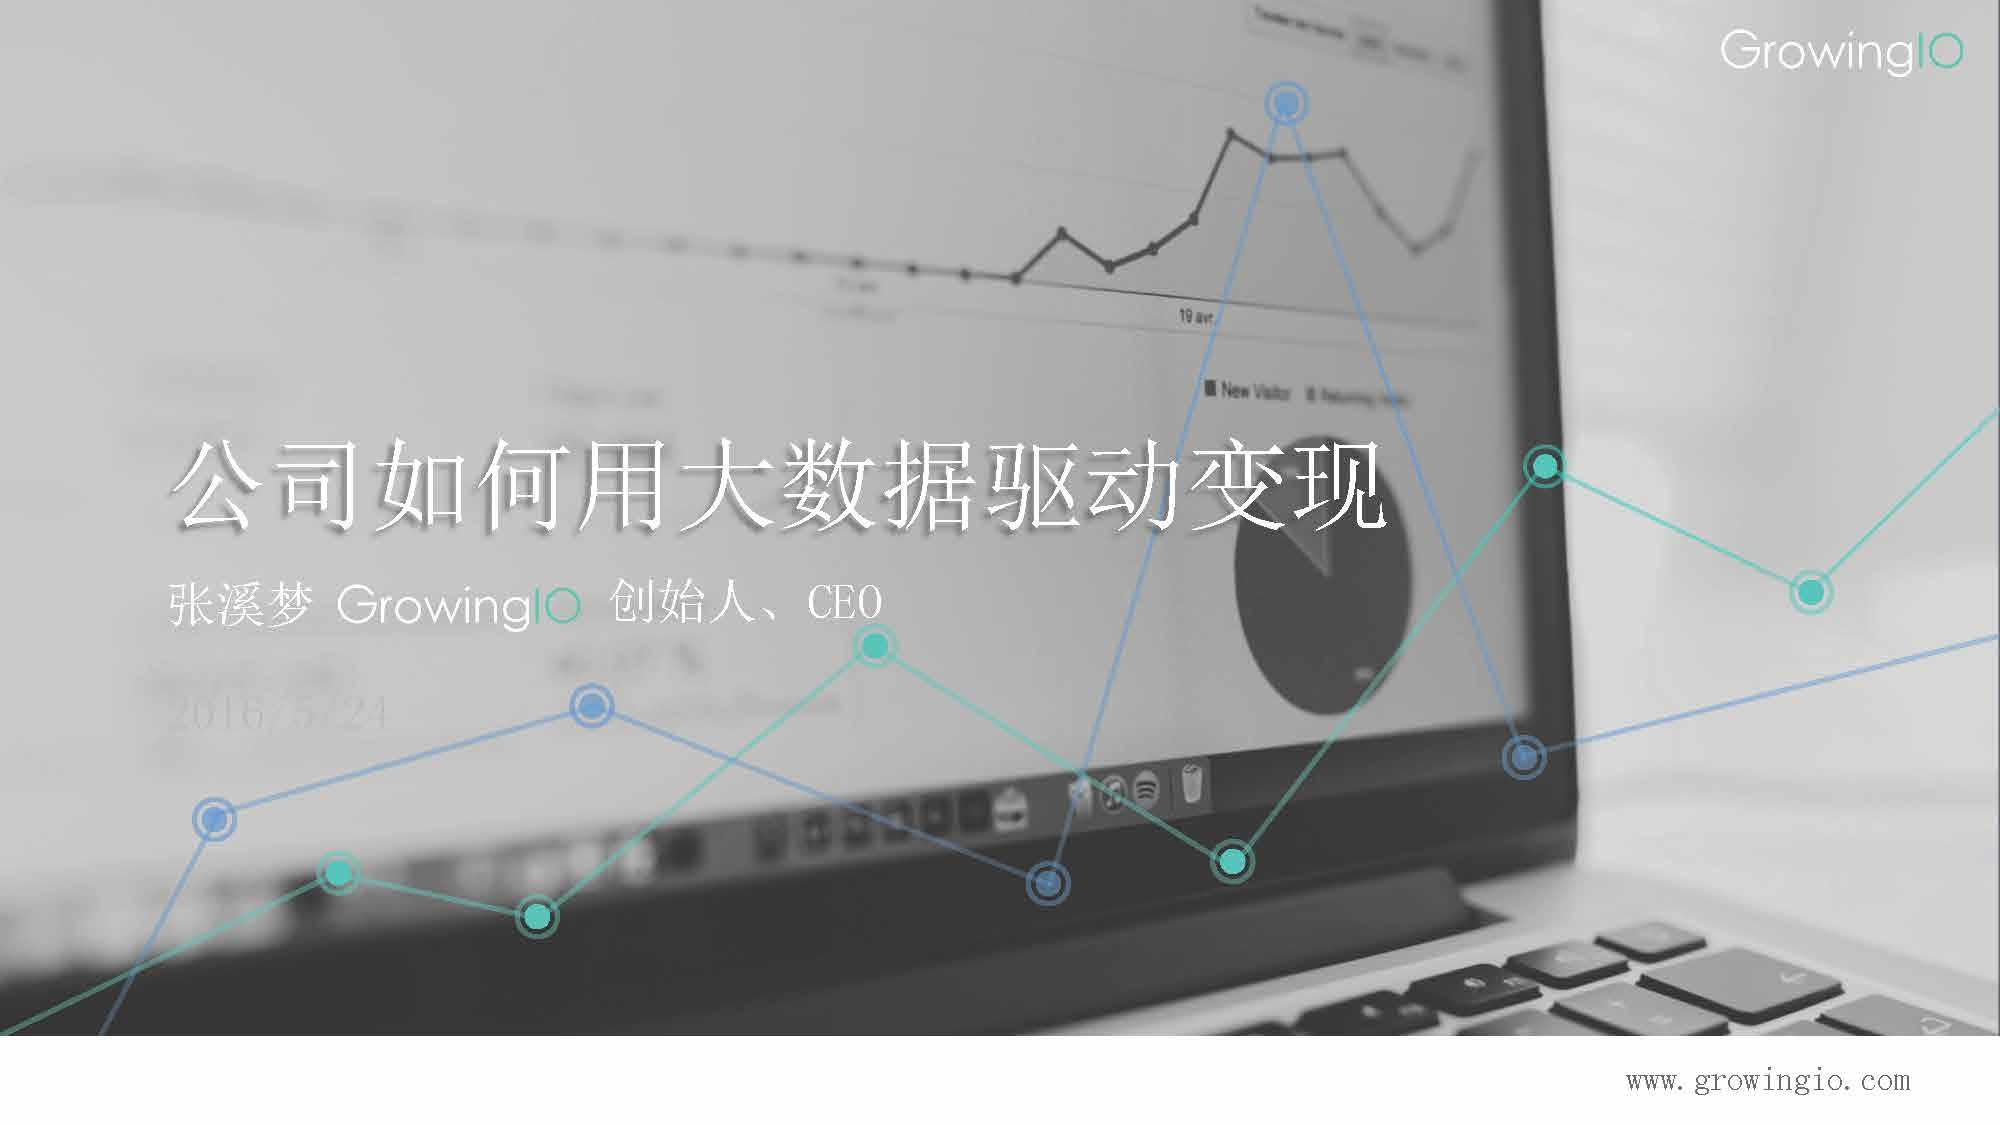 张溪梦-公司如何用大数据驱动变现